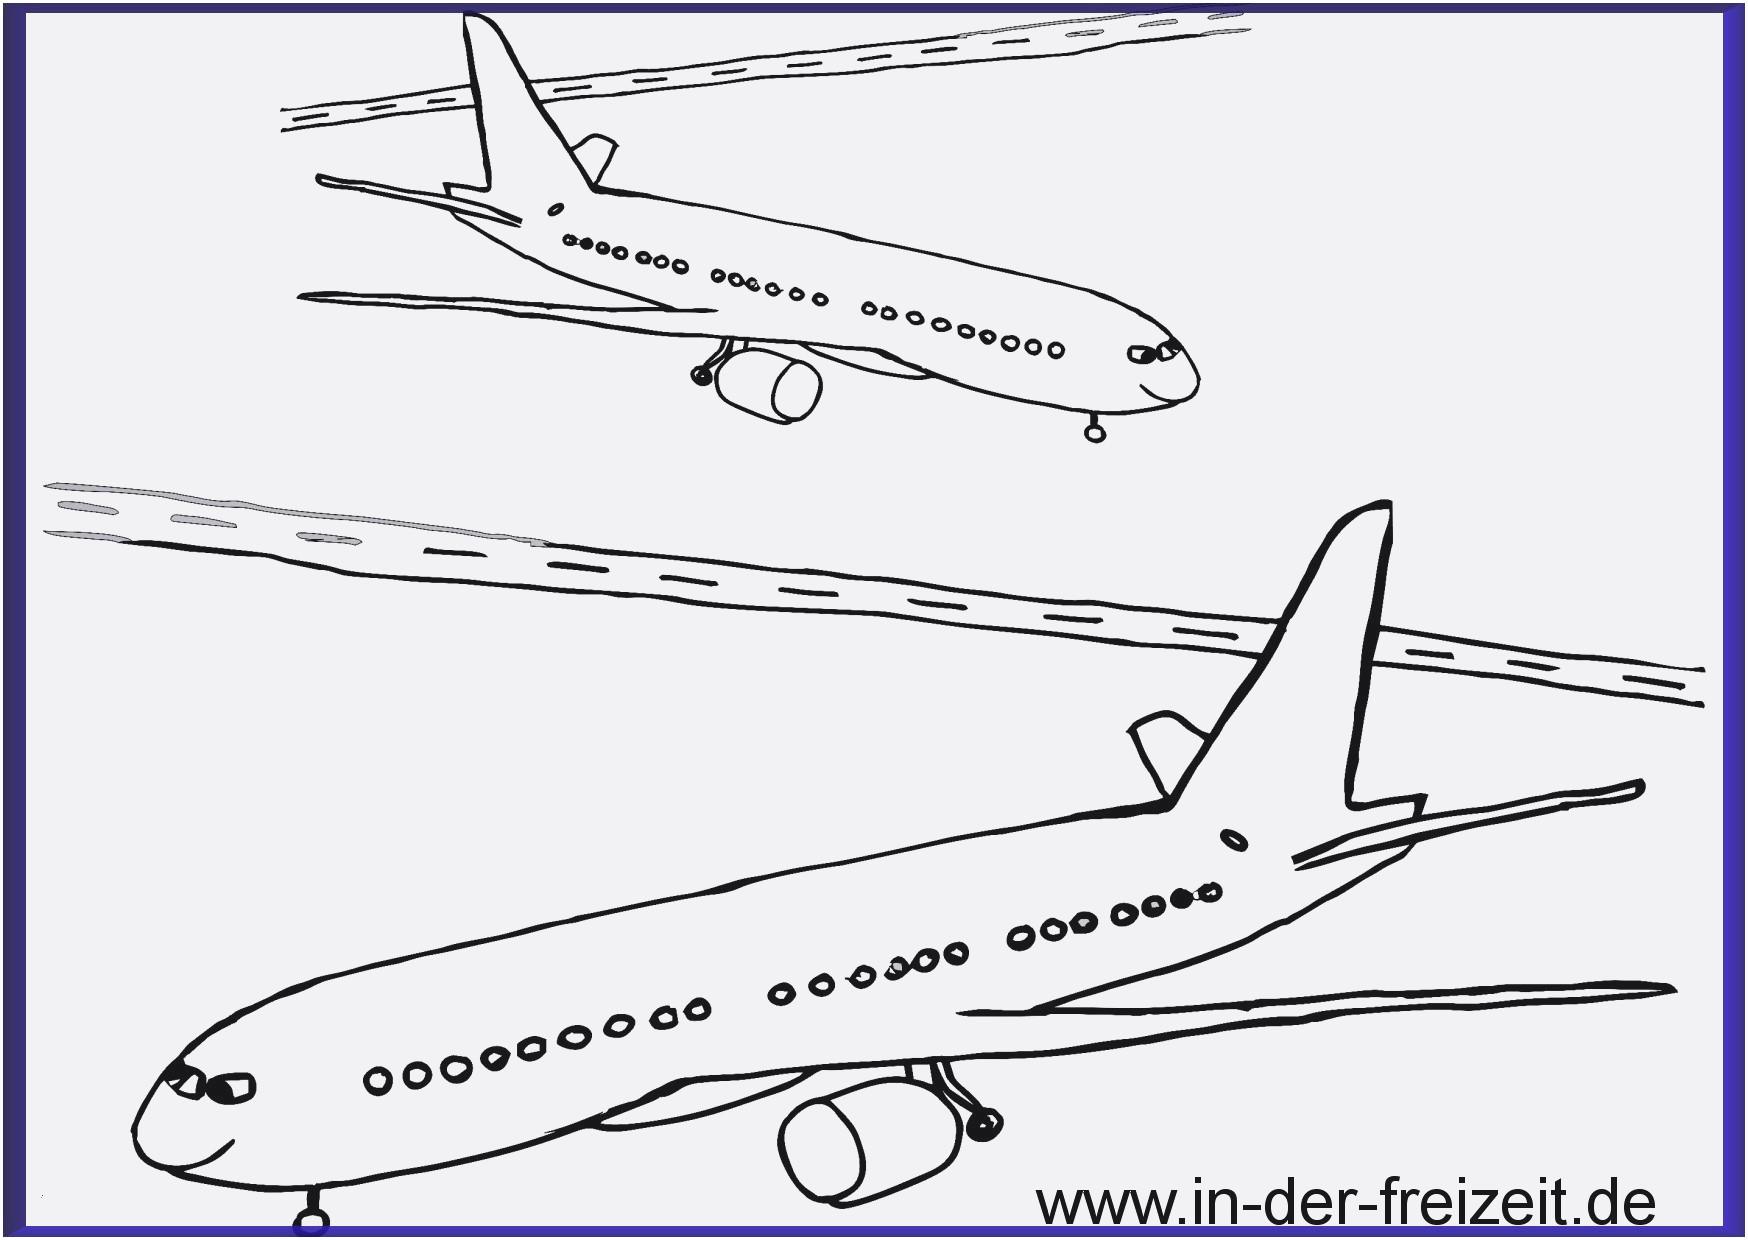 Flugzeuge Zum Ausmalen Das Beste Von 41 Einzigartig Ausmalbild Flugzeug – Große Coloring Page Sammlung Galerie